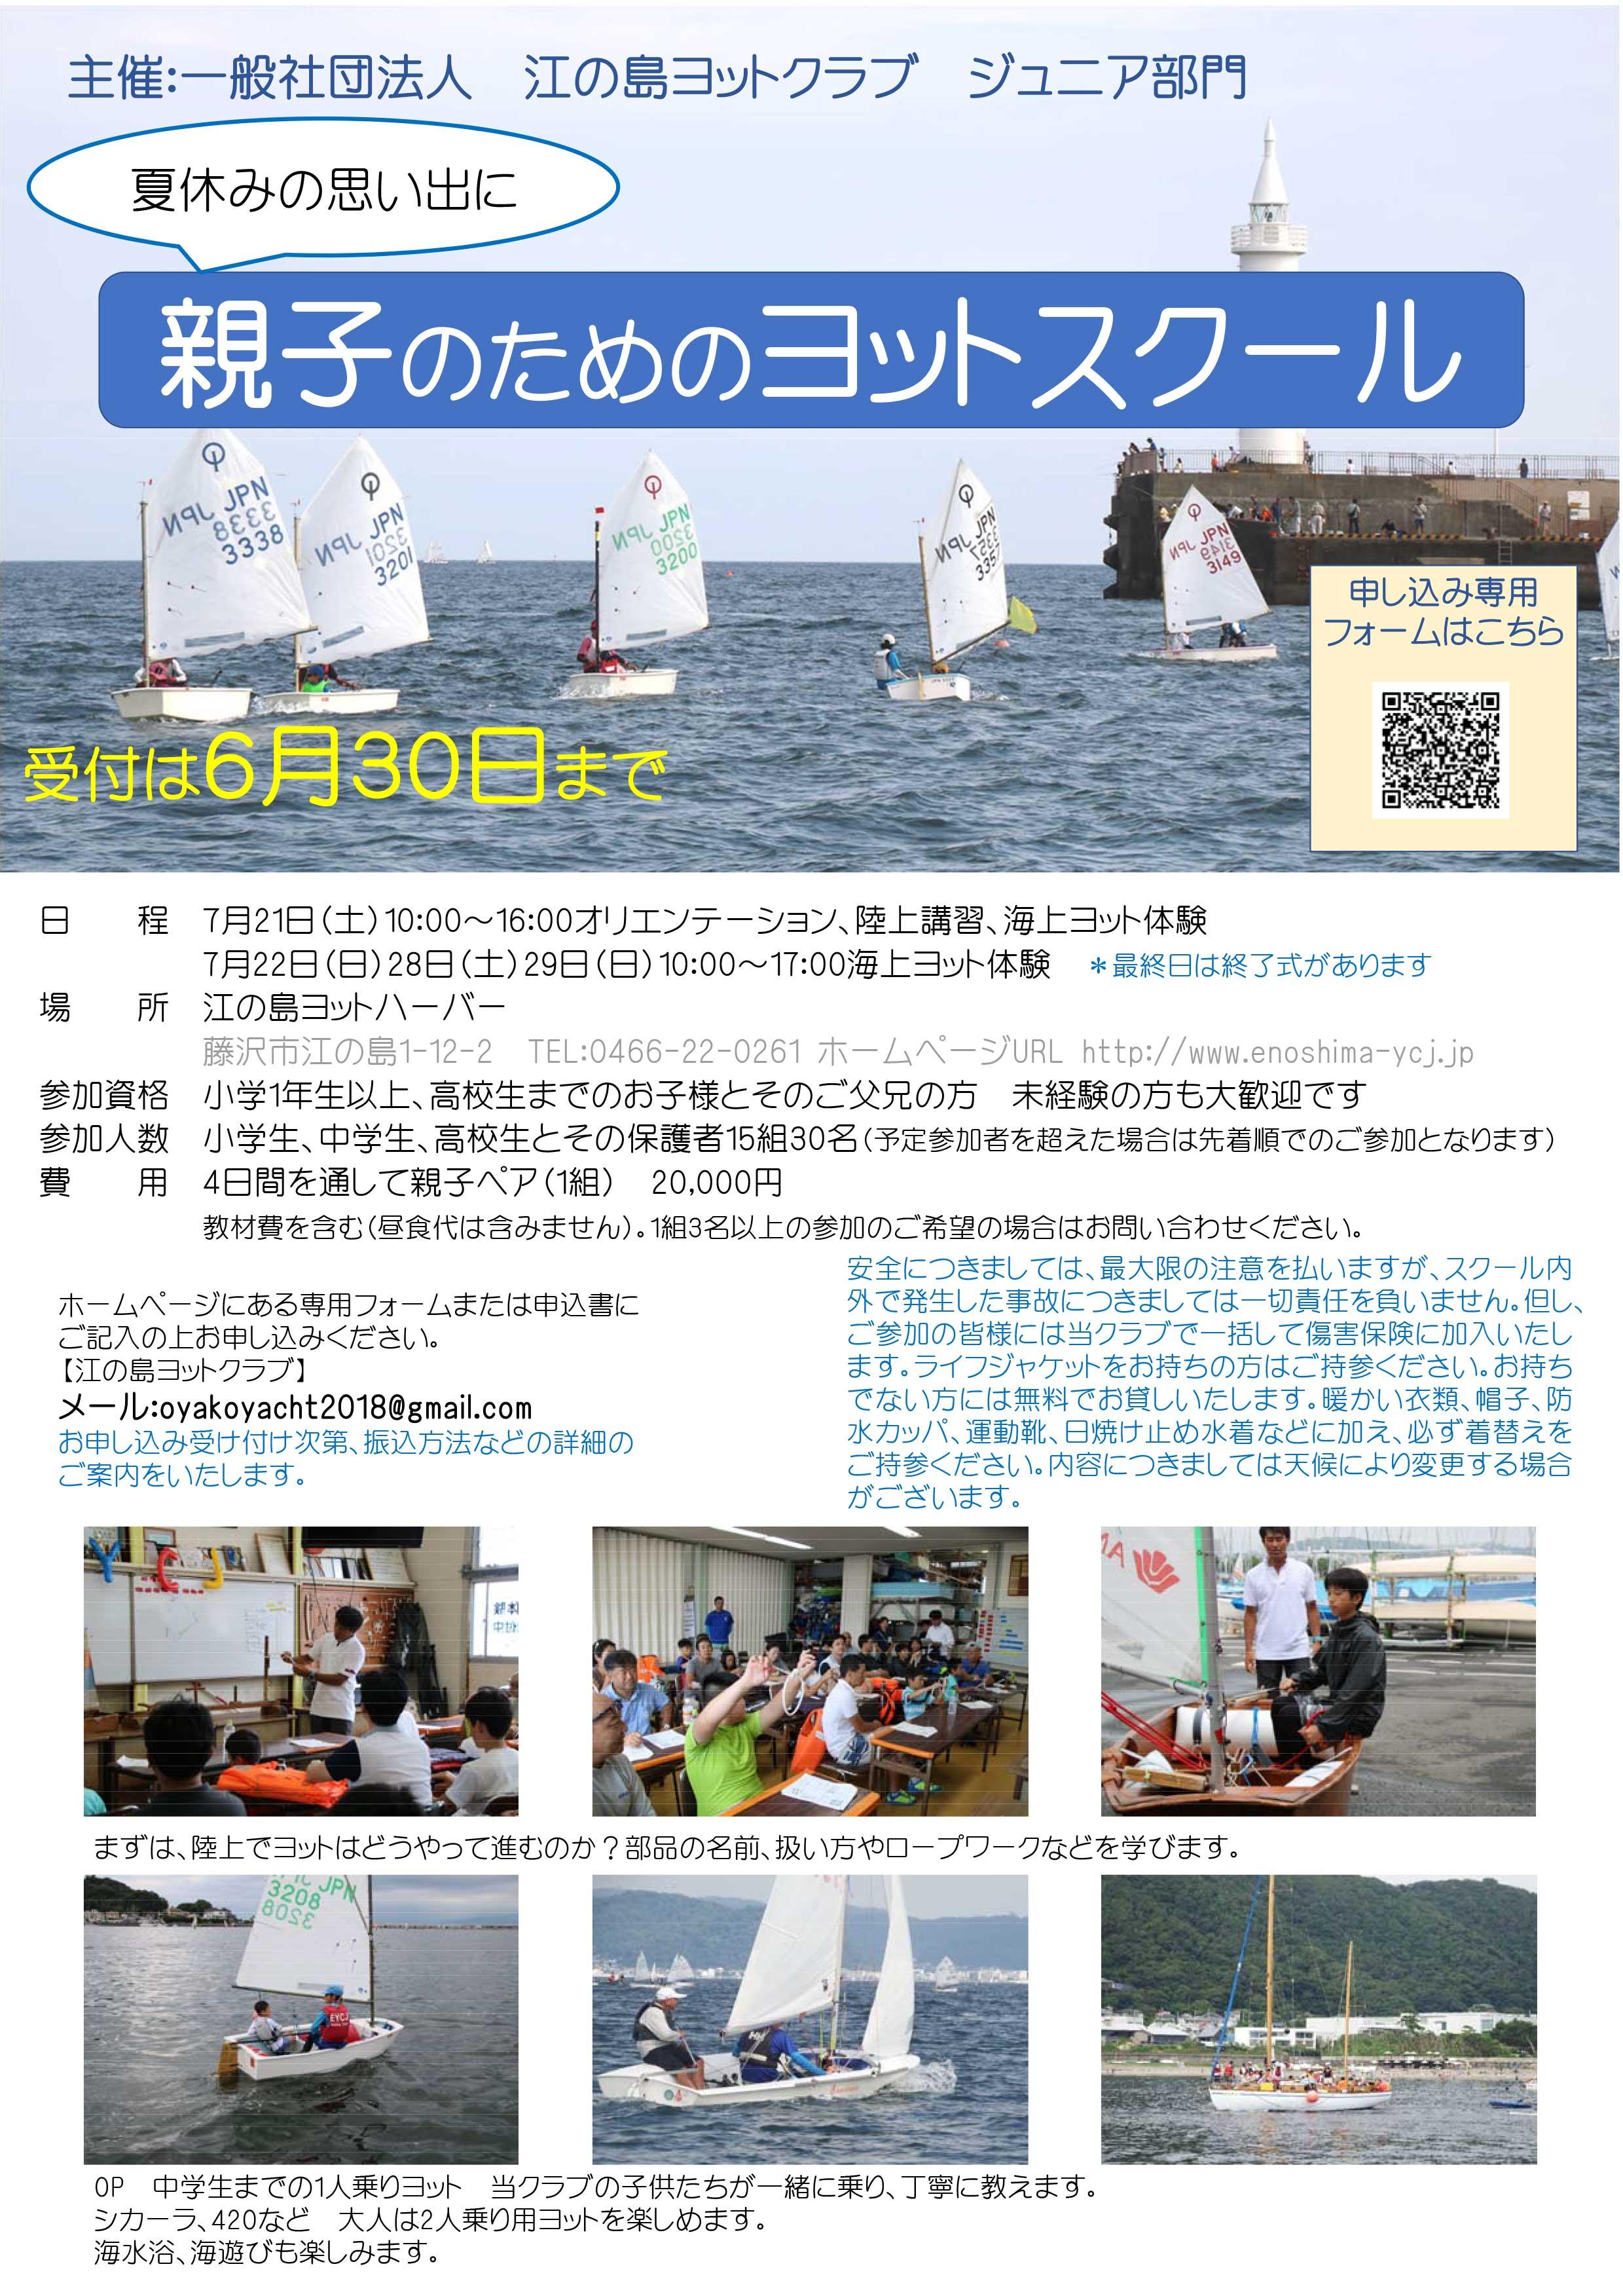 2018-05-28_enoshima